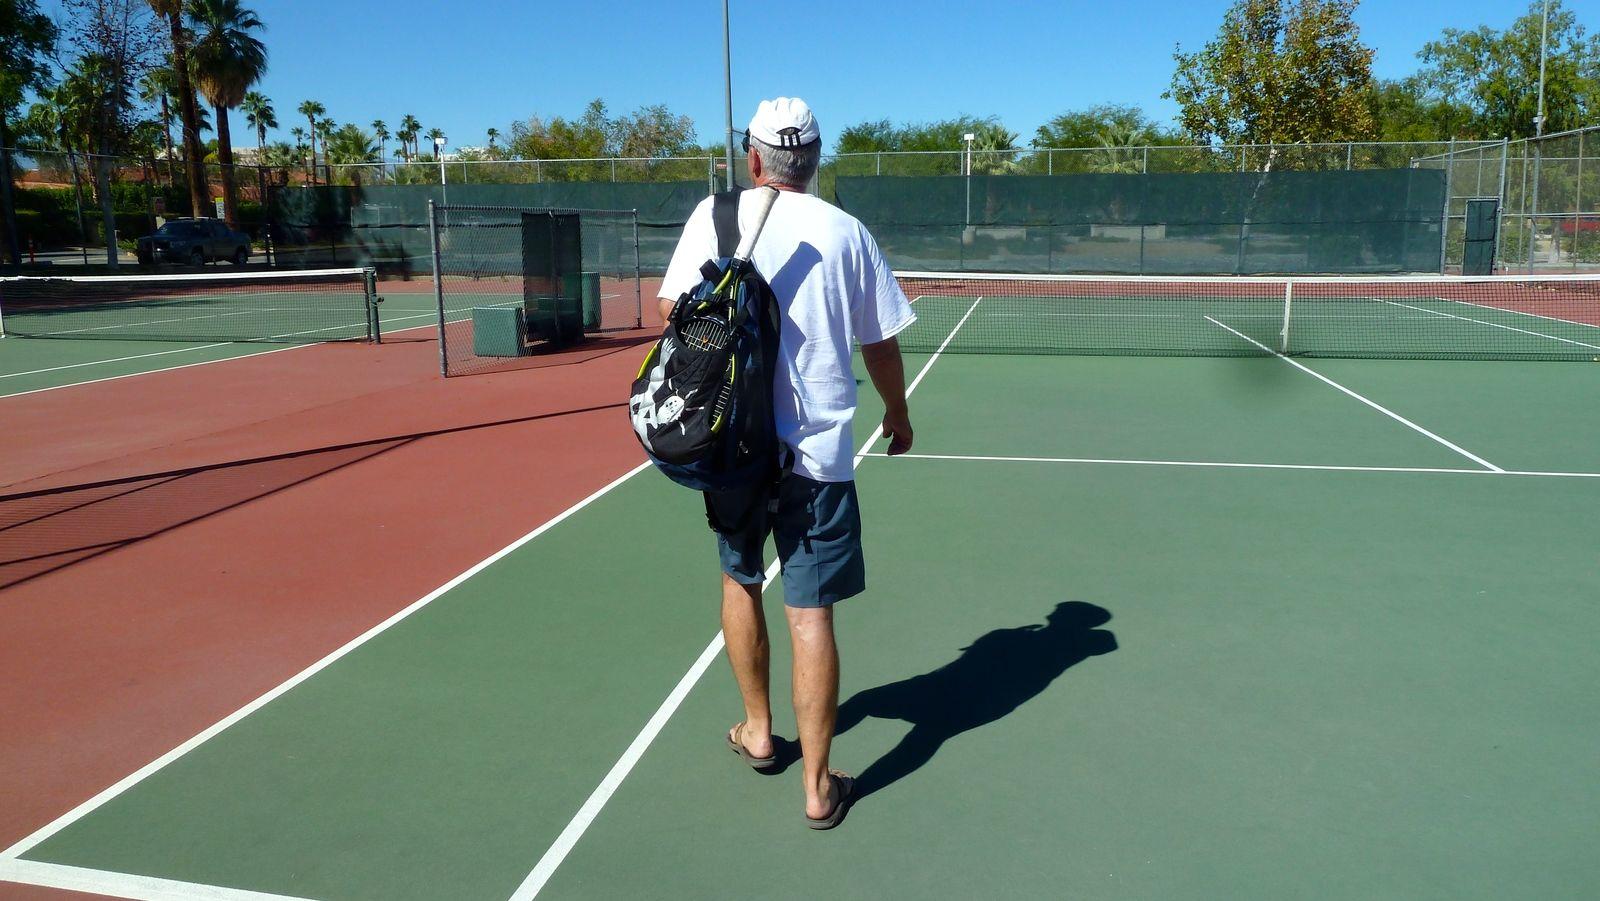 tennis-tourist-Ruth-Hardy-Park-Tennis-Courts-Palm-Springs-California-teri-church